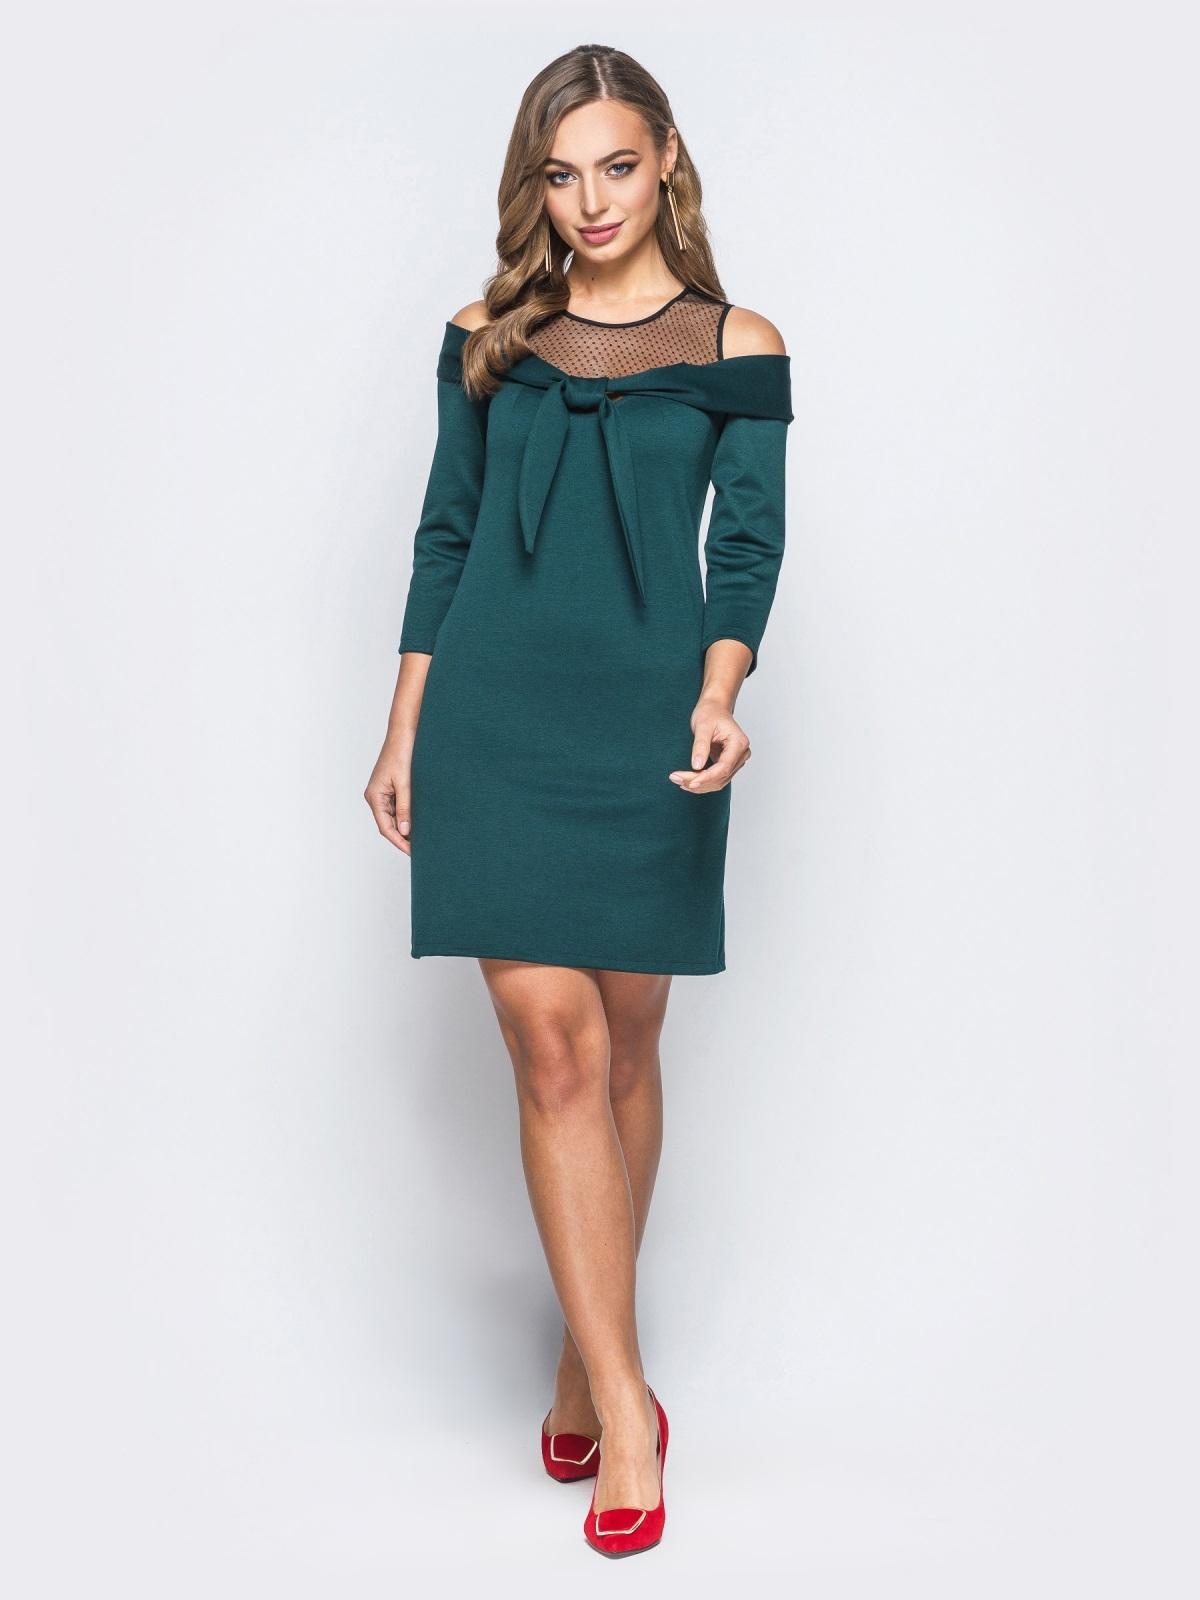 Трикотажное платье с бантом по горловине зелёное - 18086, фото 1 – интернет-магазин Dressa